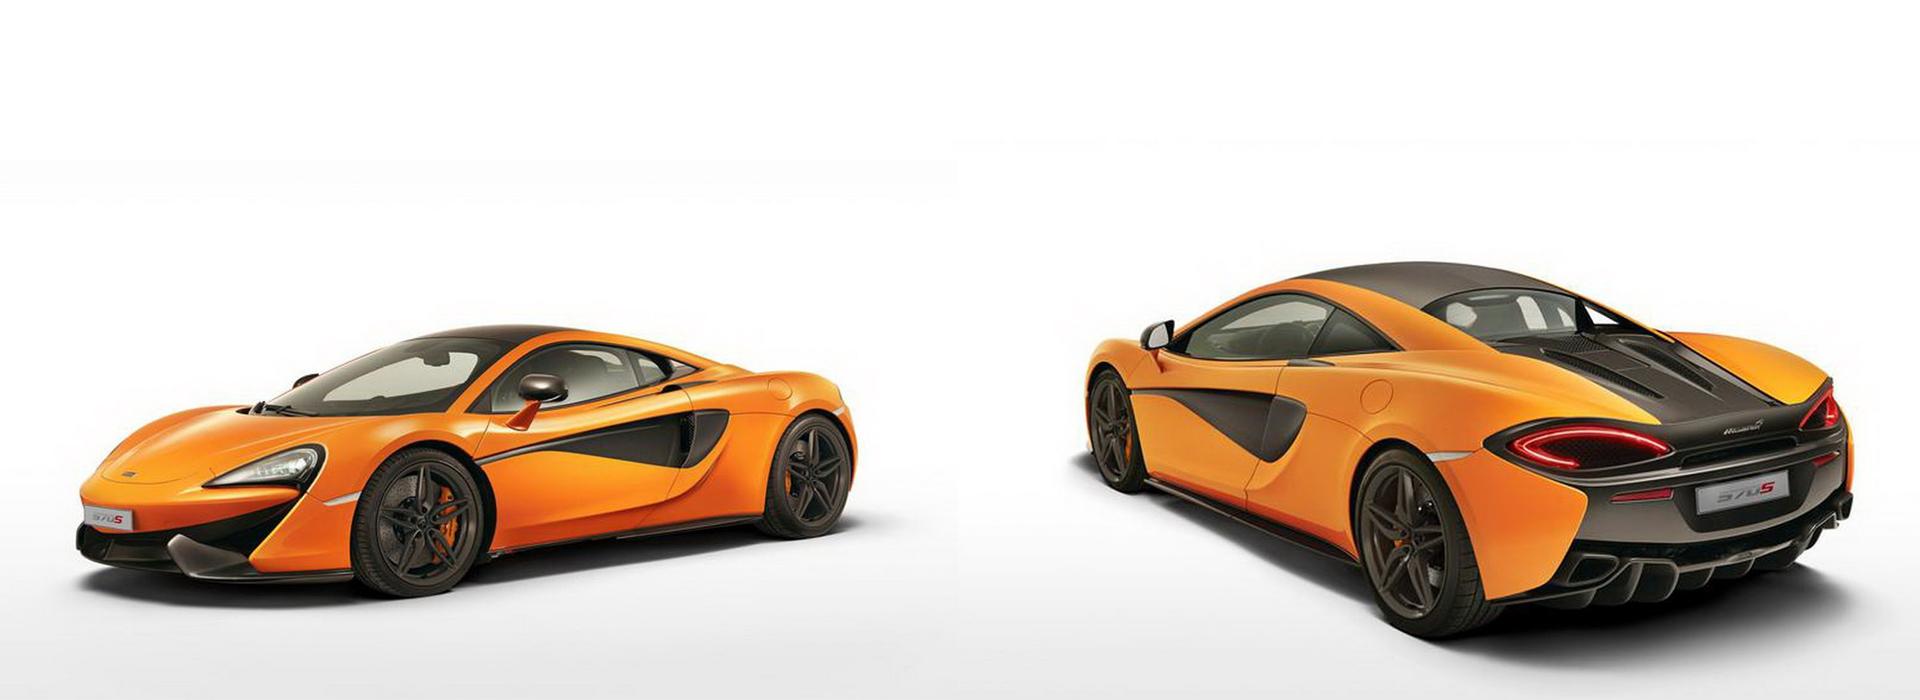 McLaren 570S - pre reveal photo - avant / arrière